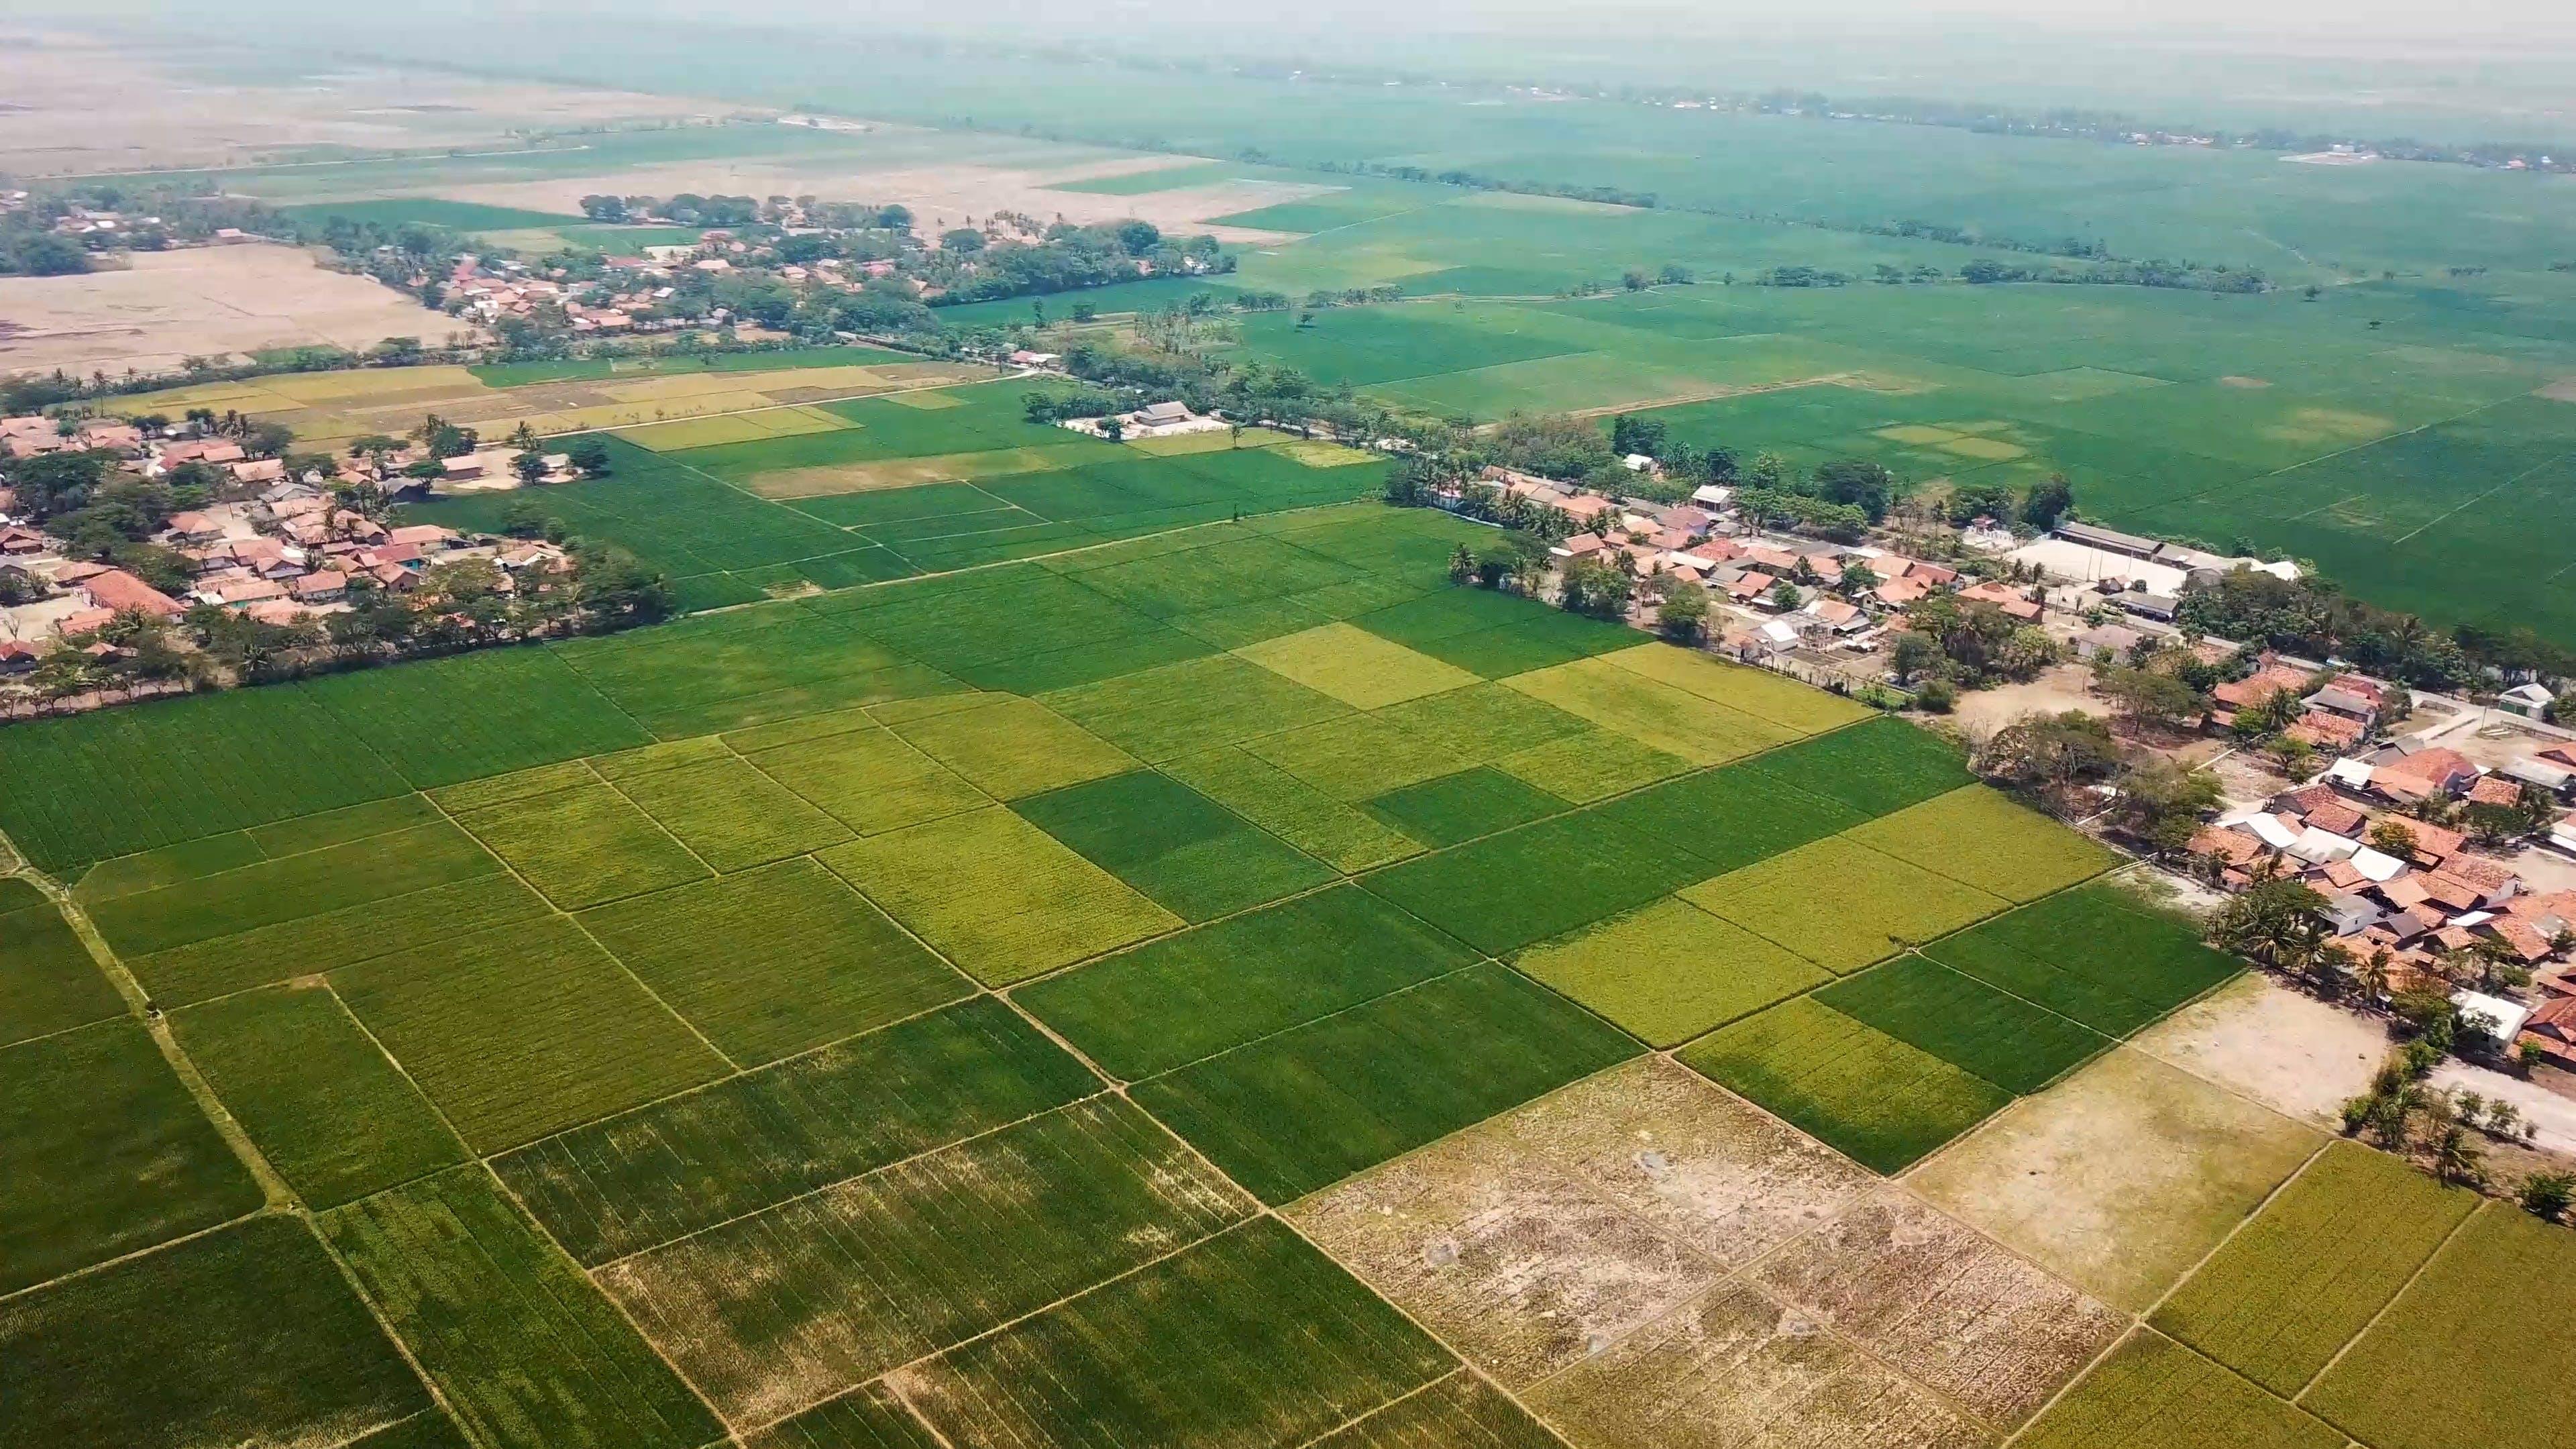 A Vast Agricultural Land